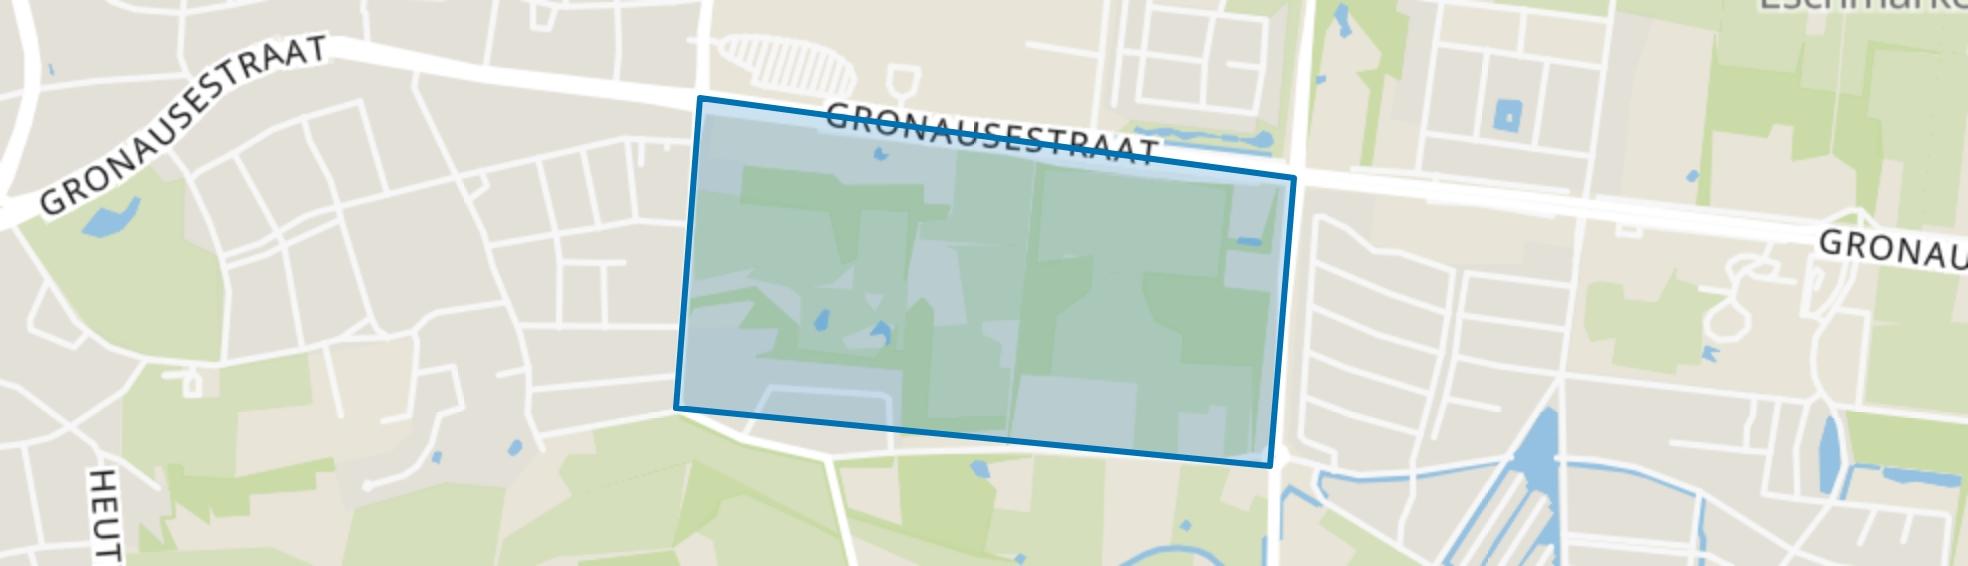 De Leuriks, Enschede map